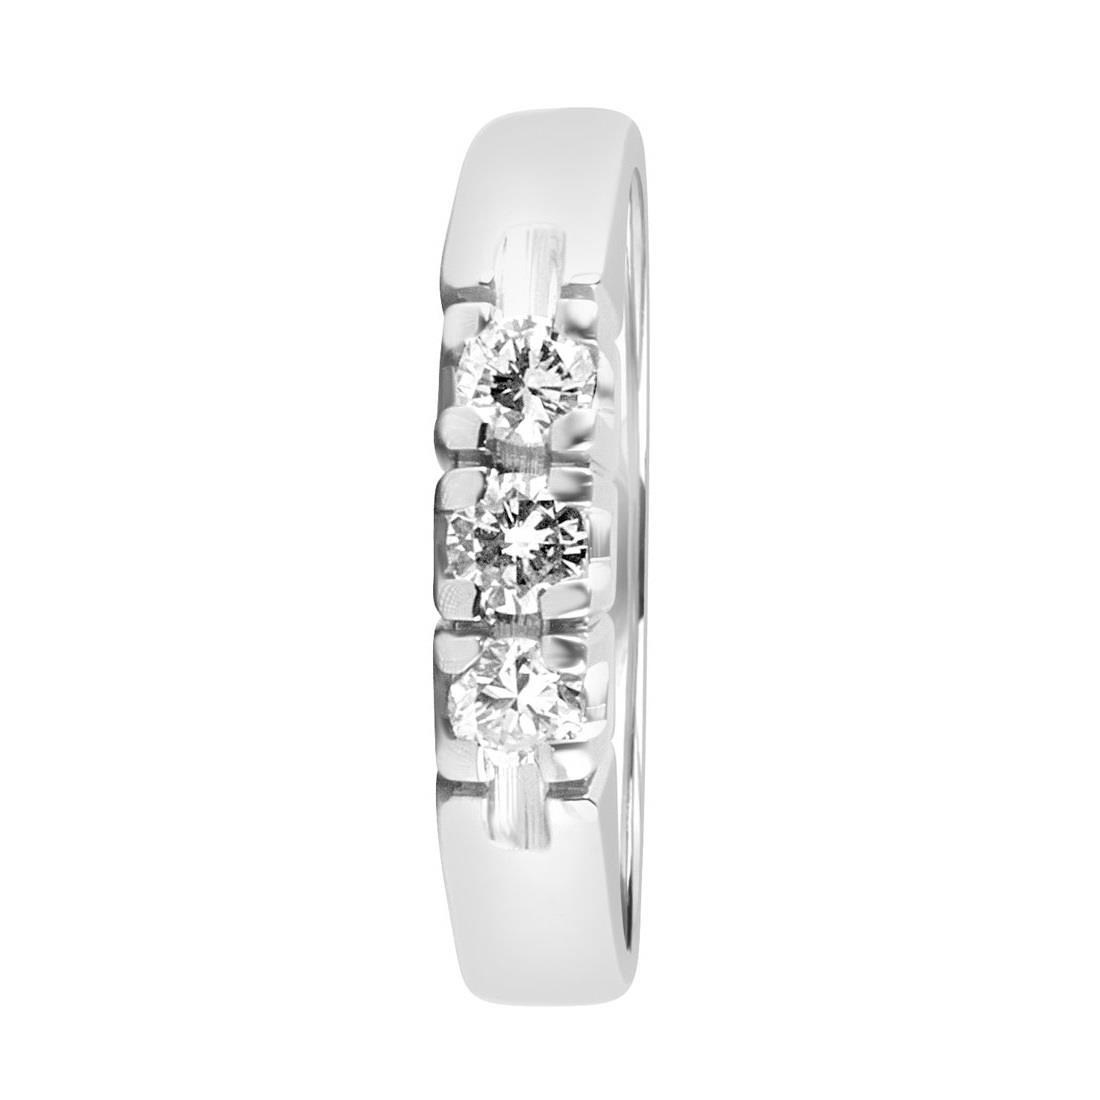 Anello trilogy in oro bianco con diamanti mis 14 - ORO&CO